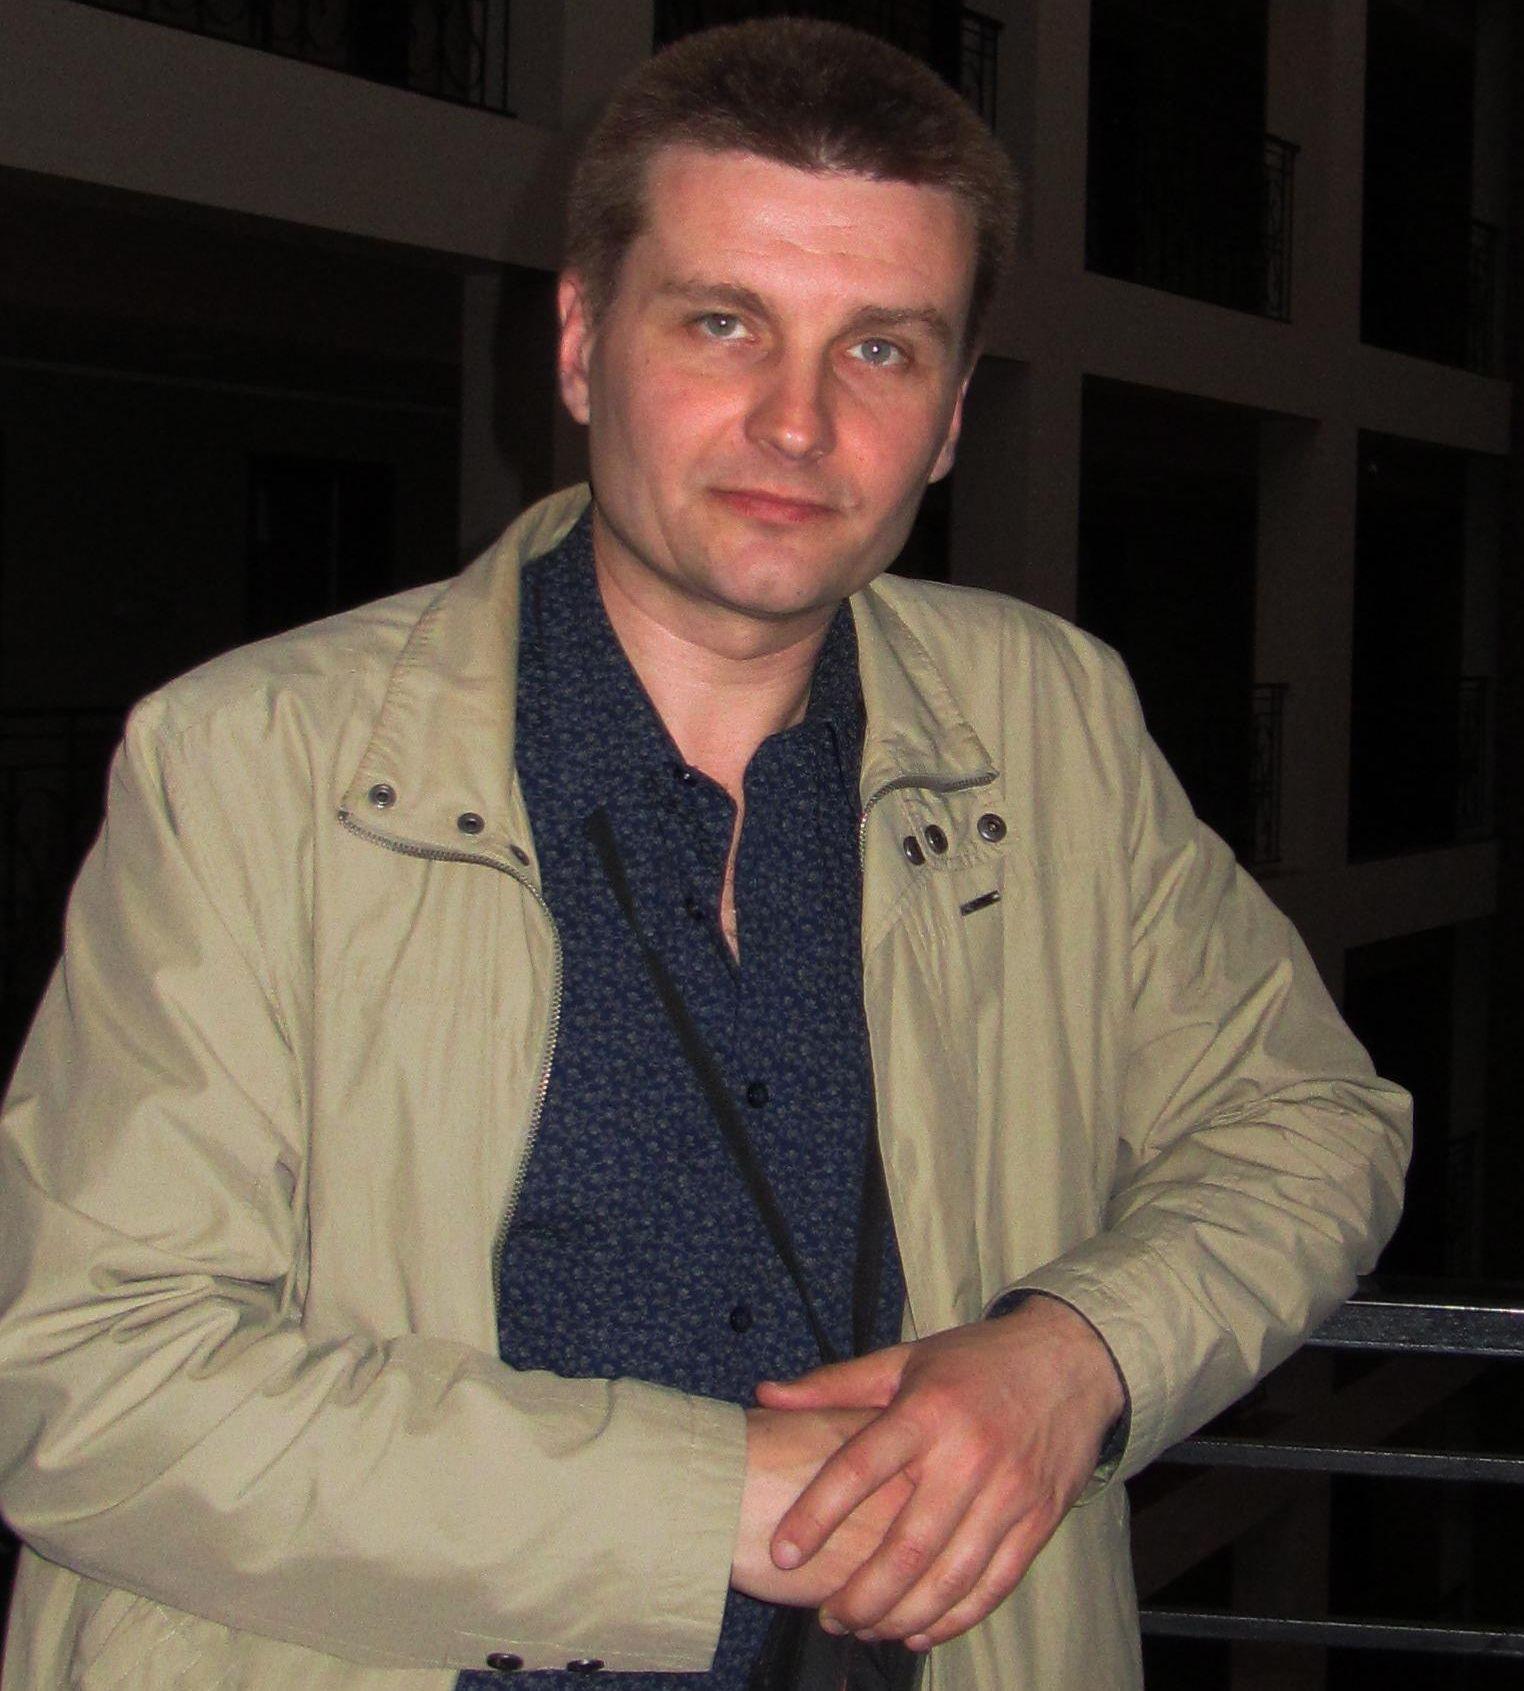 Интервью с Плоцким А.Р., доц. кафедры акушерства и гинекологии, г. Гродно, Беларусь